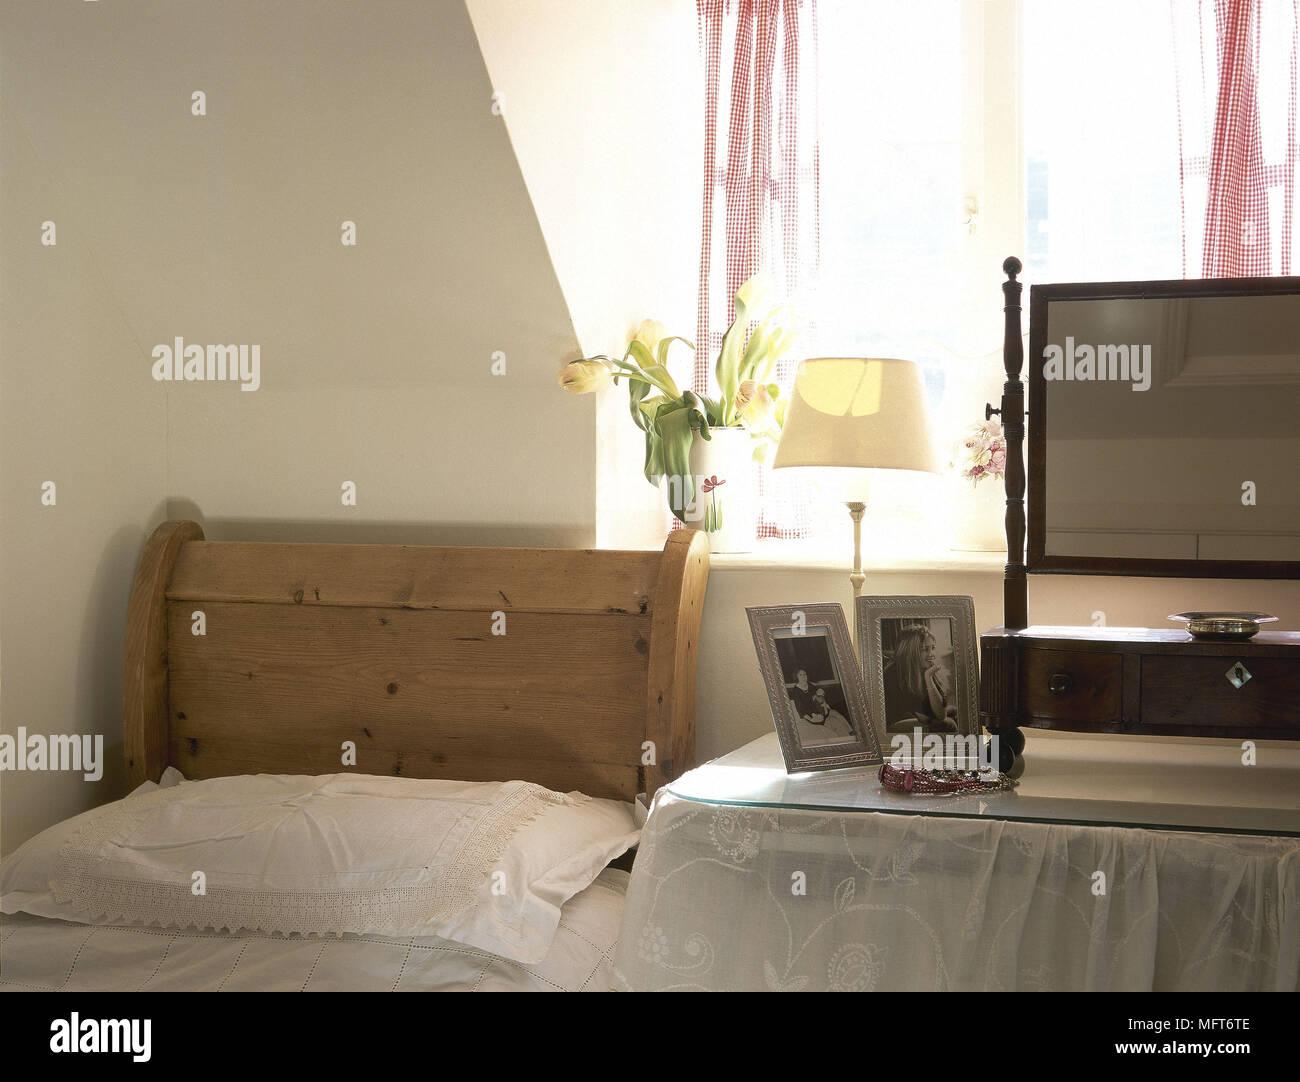 Camere Da Letto Tradizionali : Camera da letto tradizionale legno di dettaglio sleigh bed